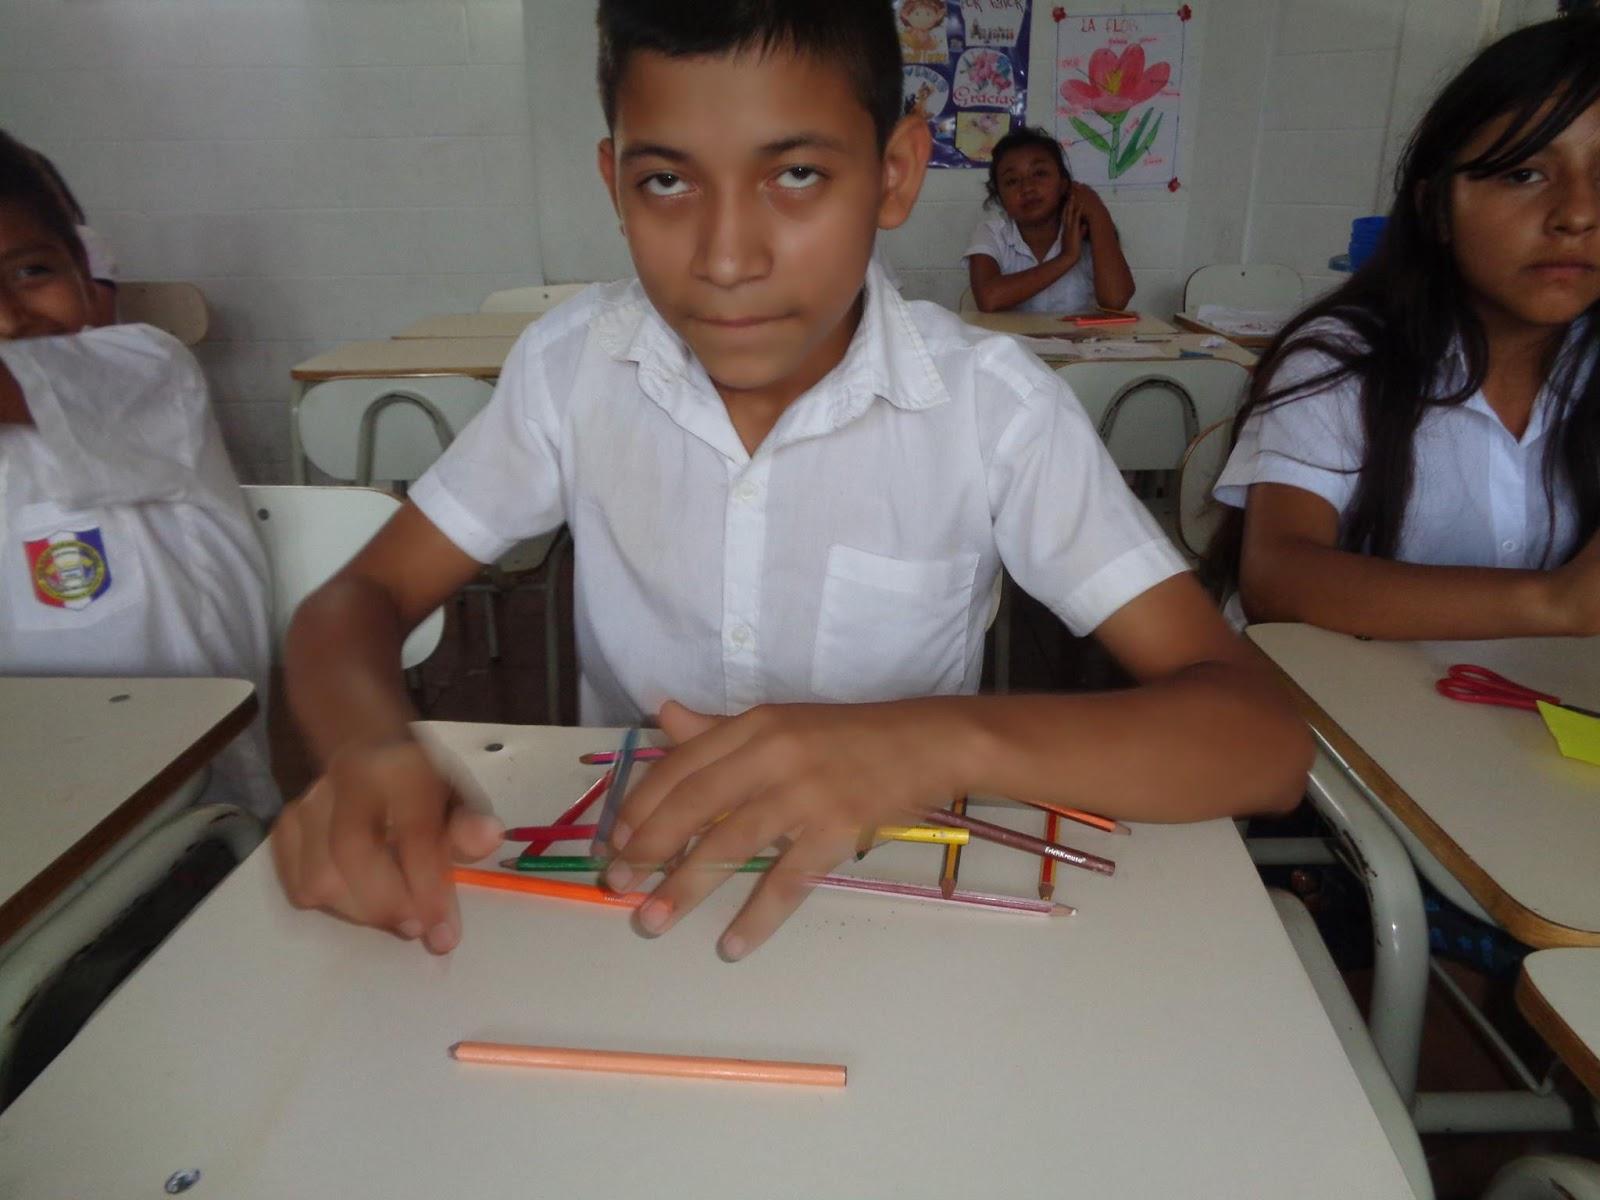 El Salvador - 23 de octubre 2015